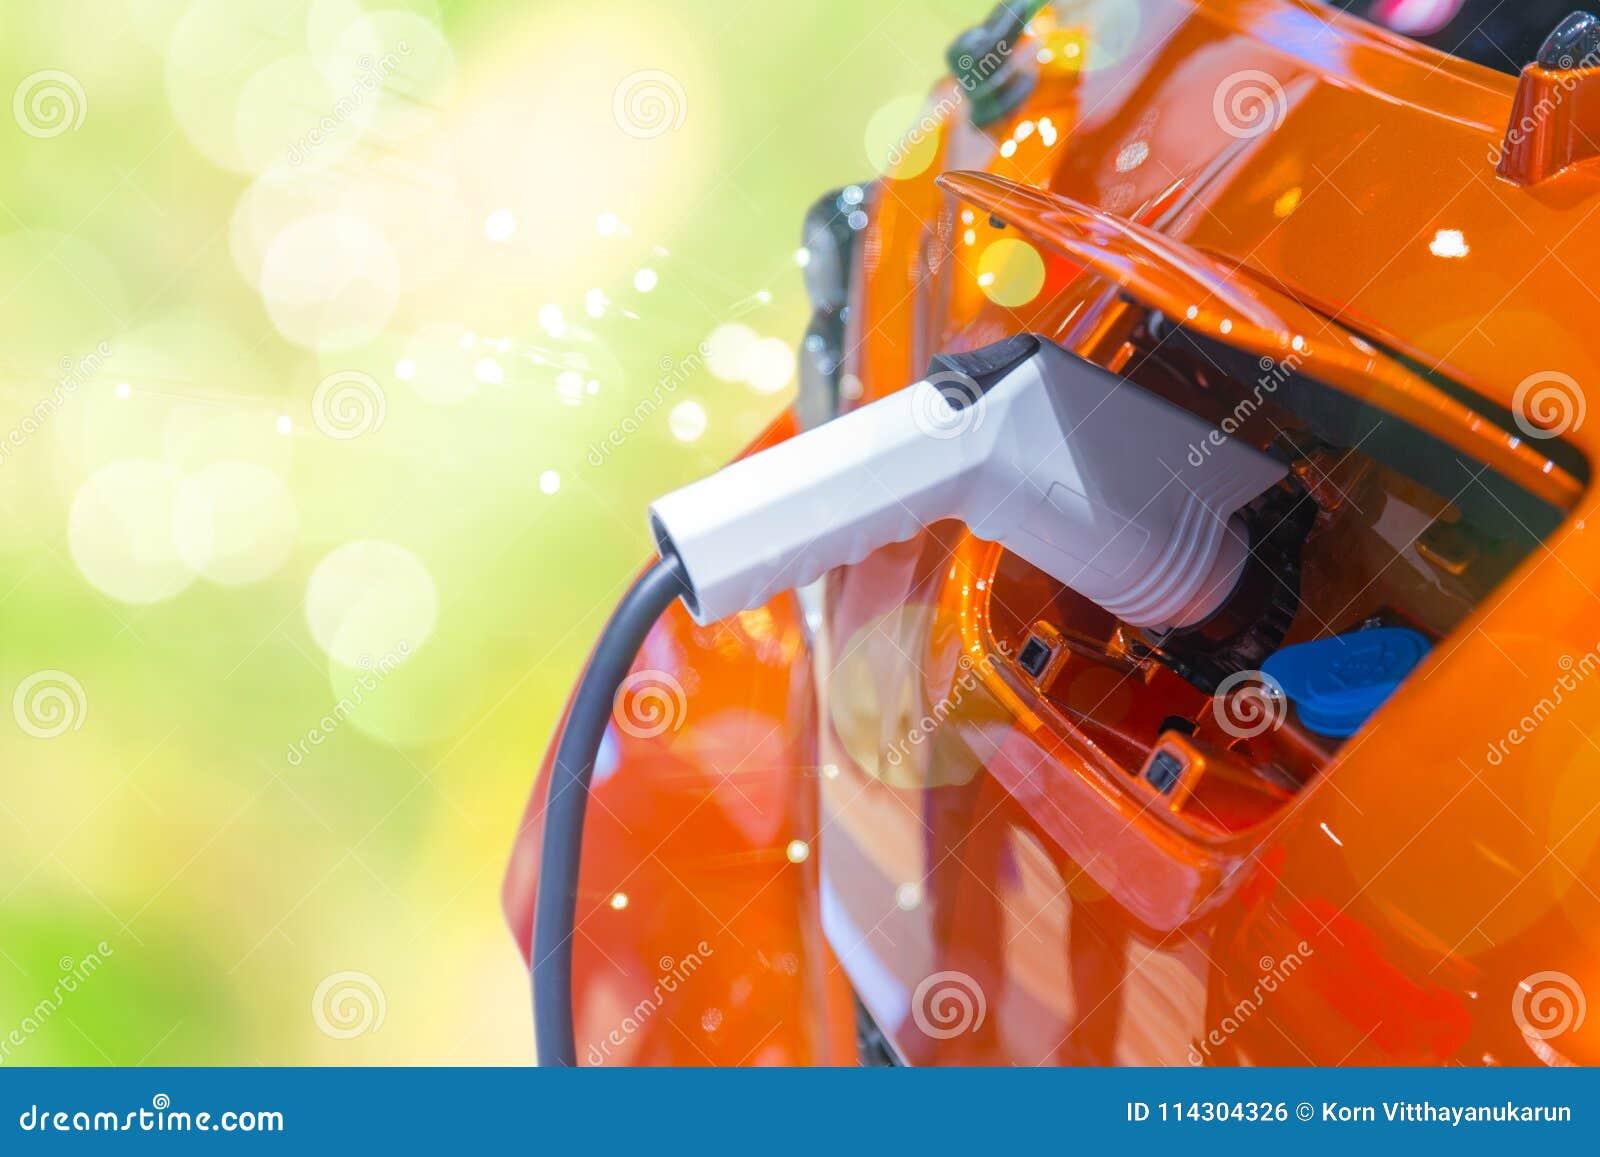 Πράσινο αυτοκίνητο της EV δύναμης ή ηλεκτρική φόρτιση μπαταριών αυτοκινήτων